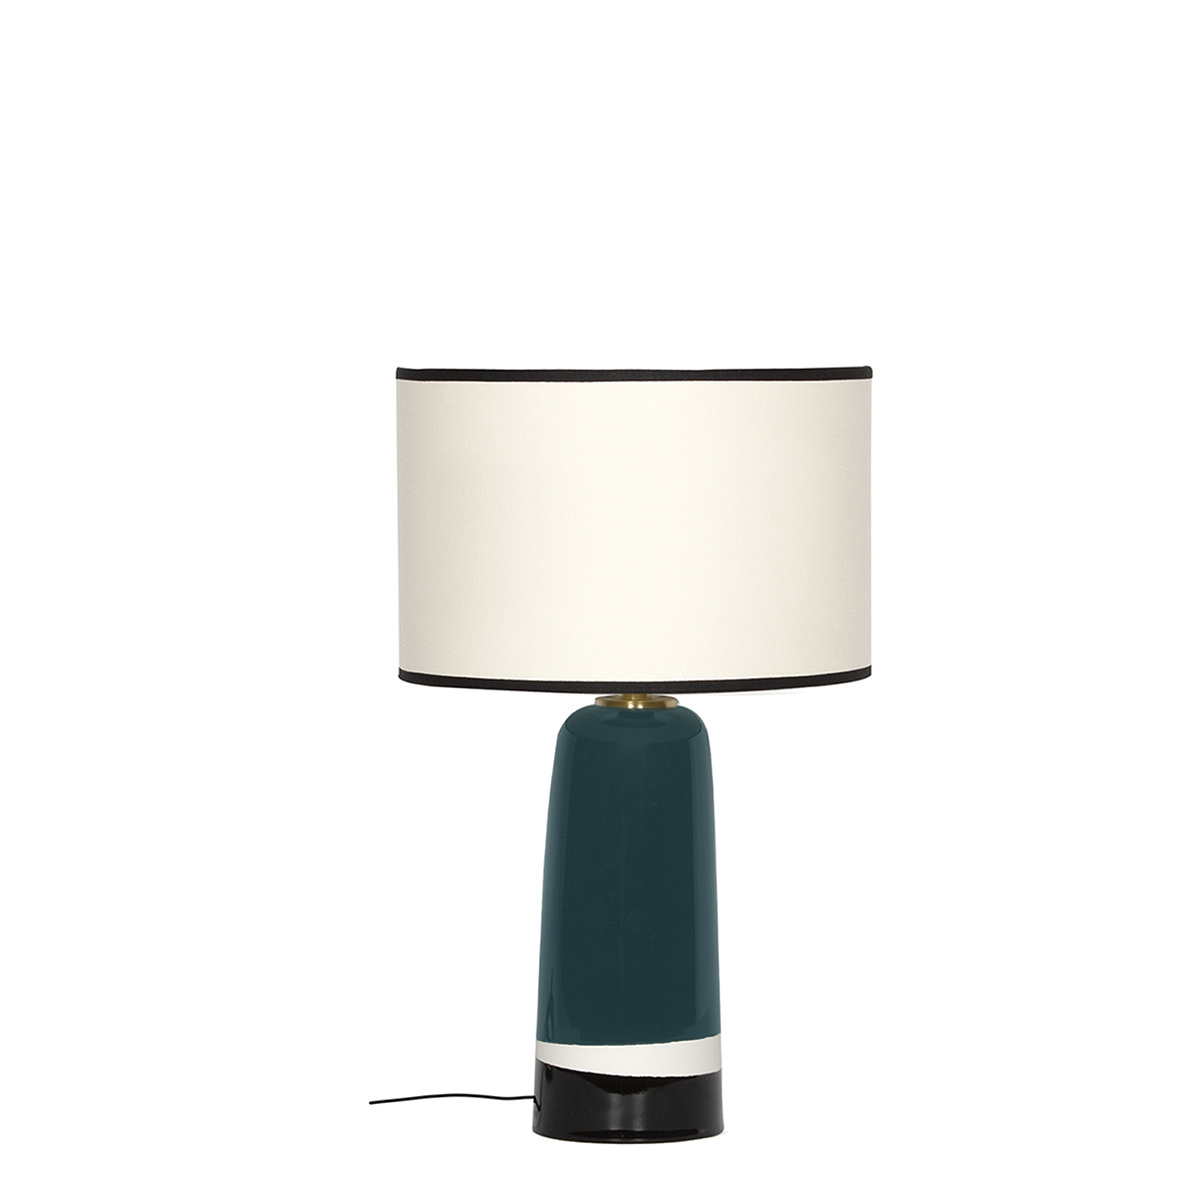 Sicilia Table Lamp